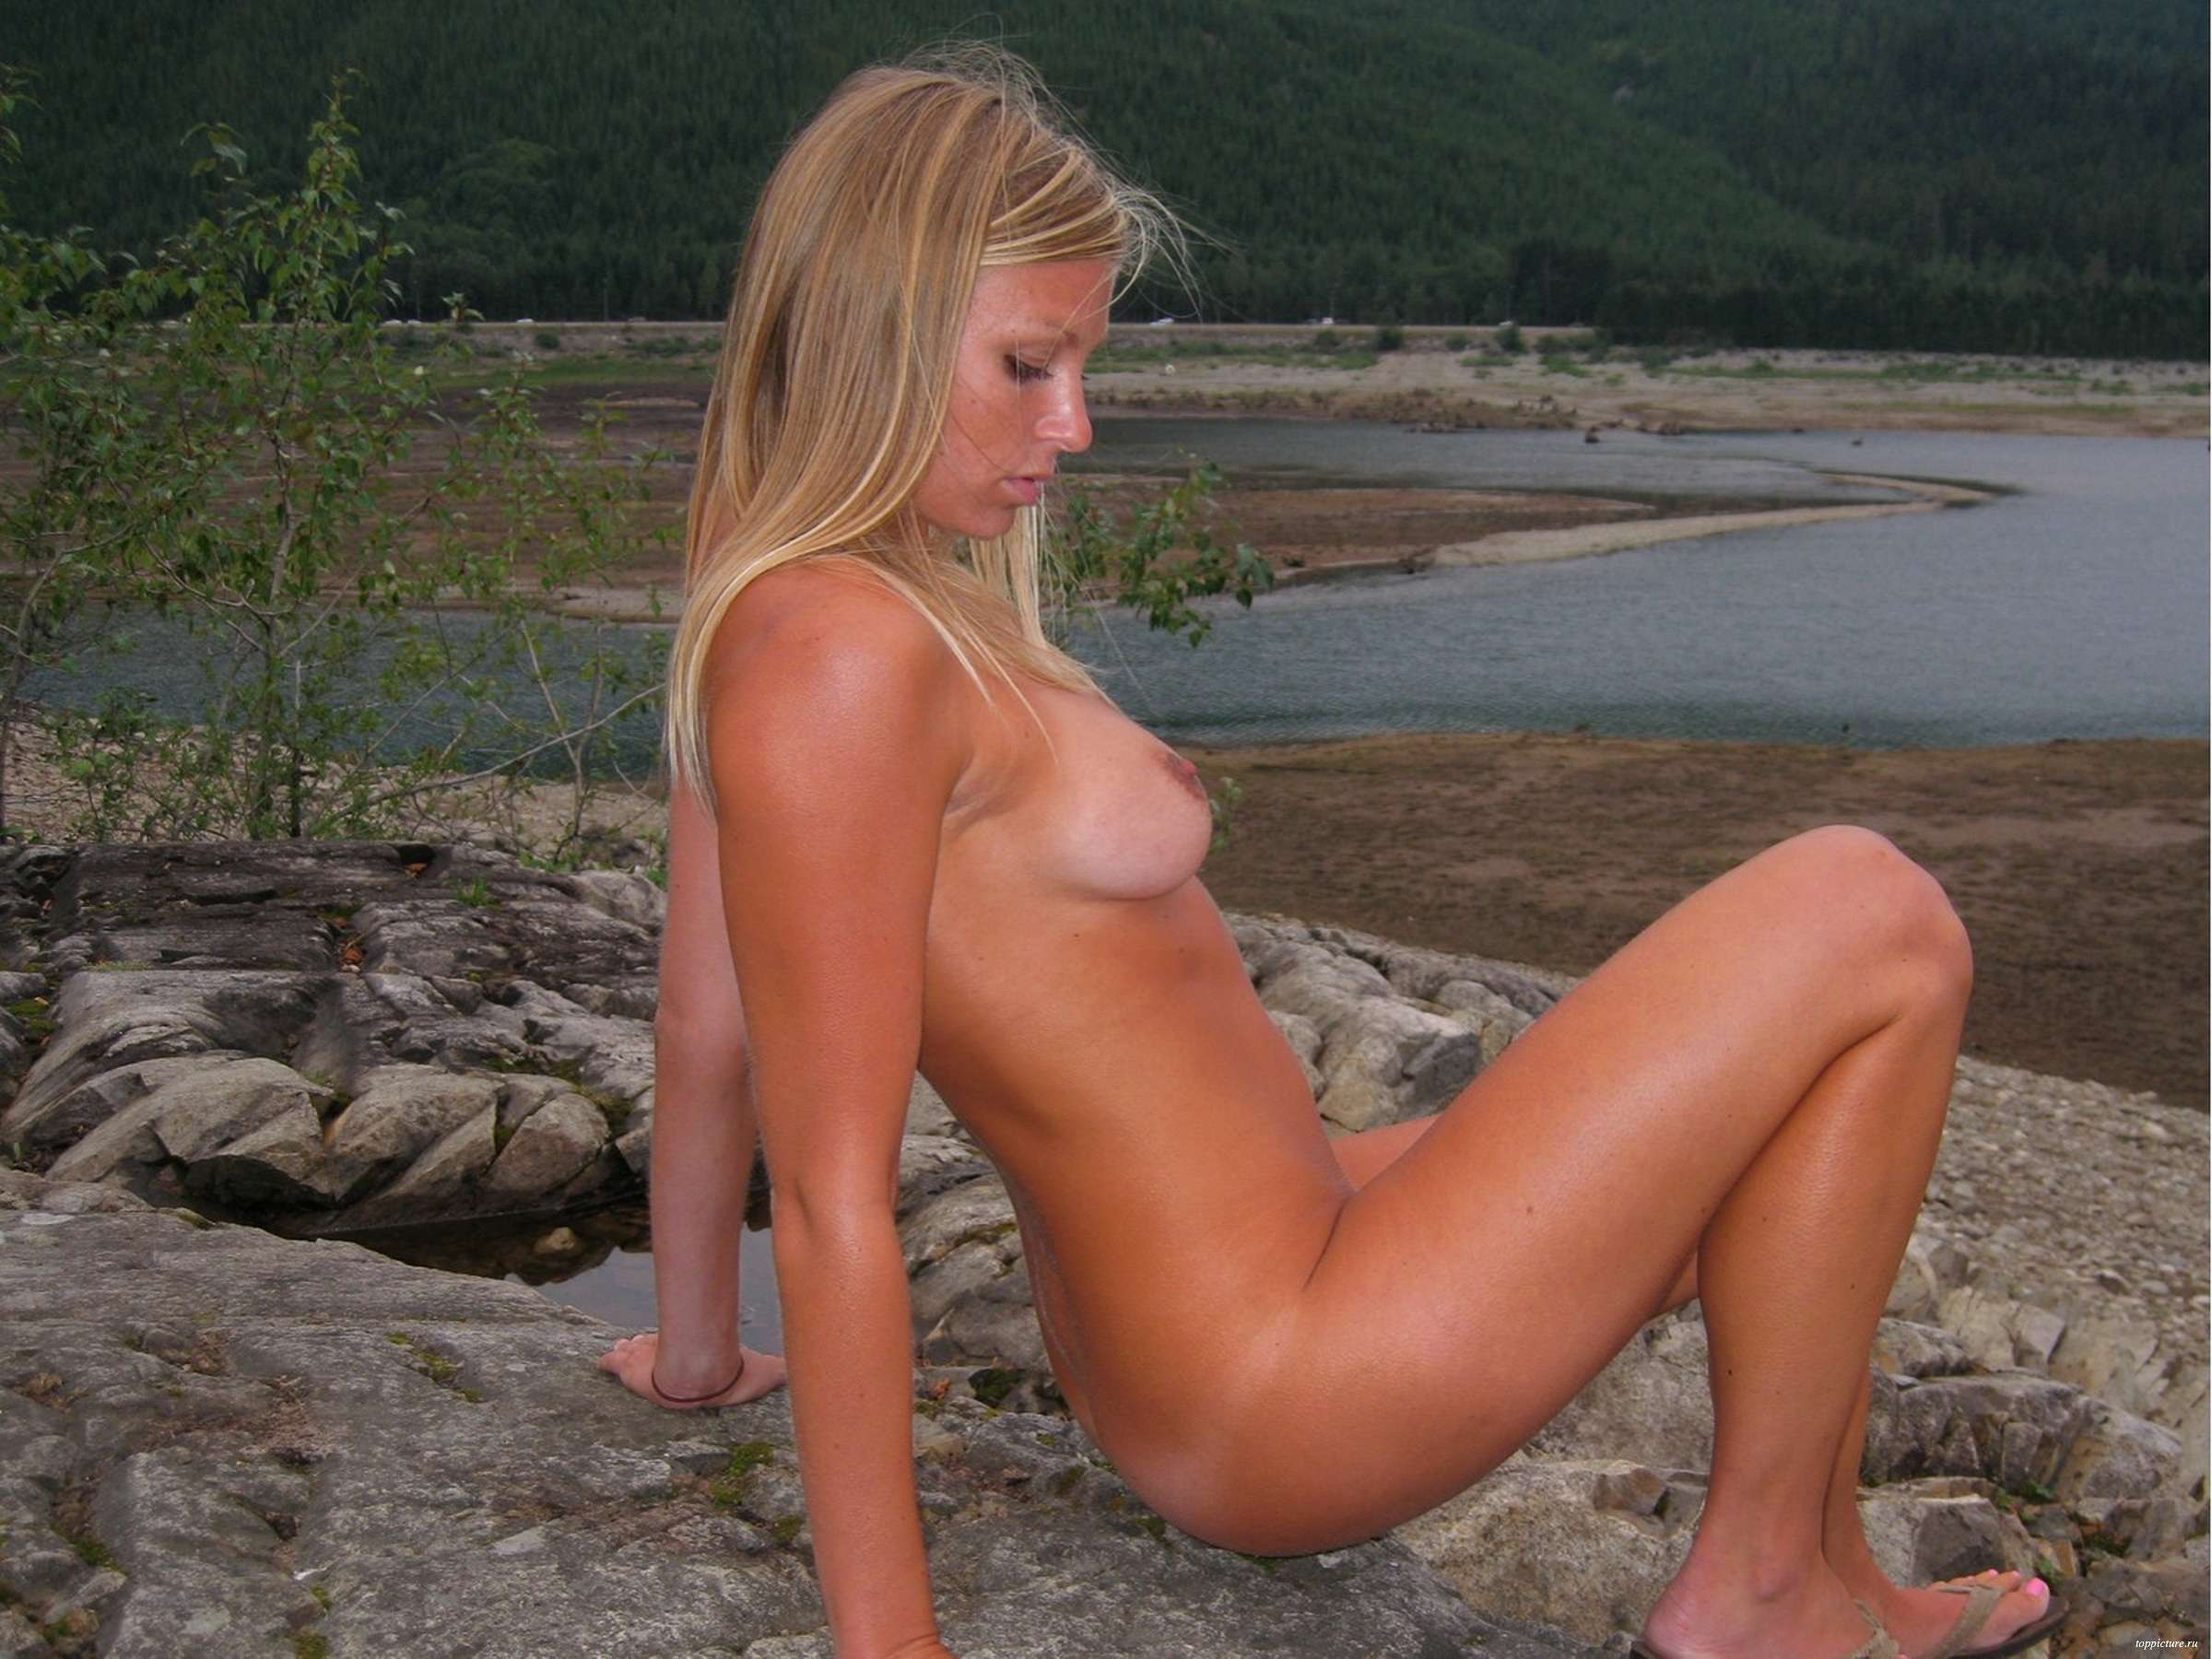 Марамойка без стыда показывает голое тело в разных местах